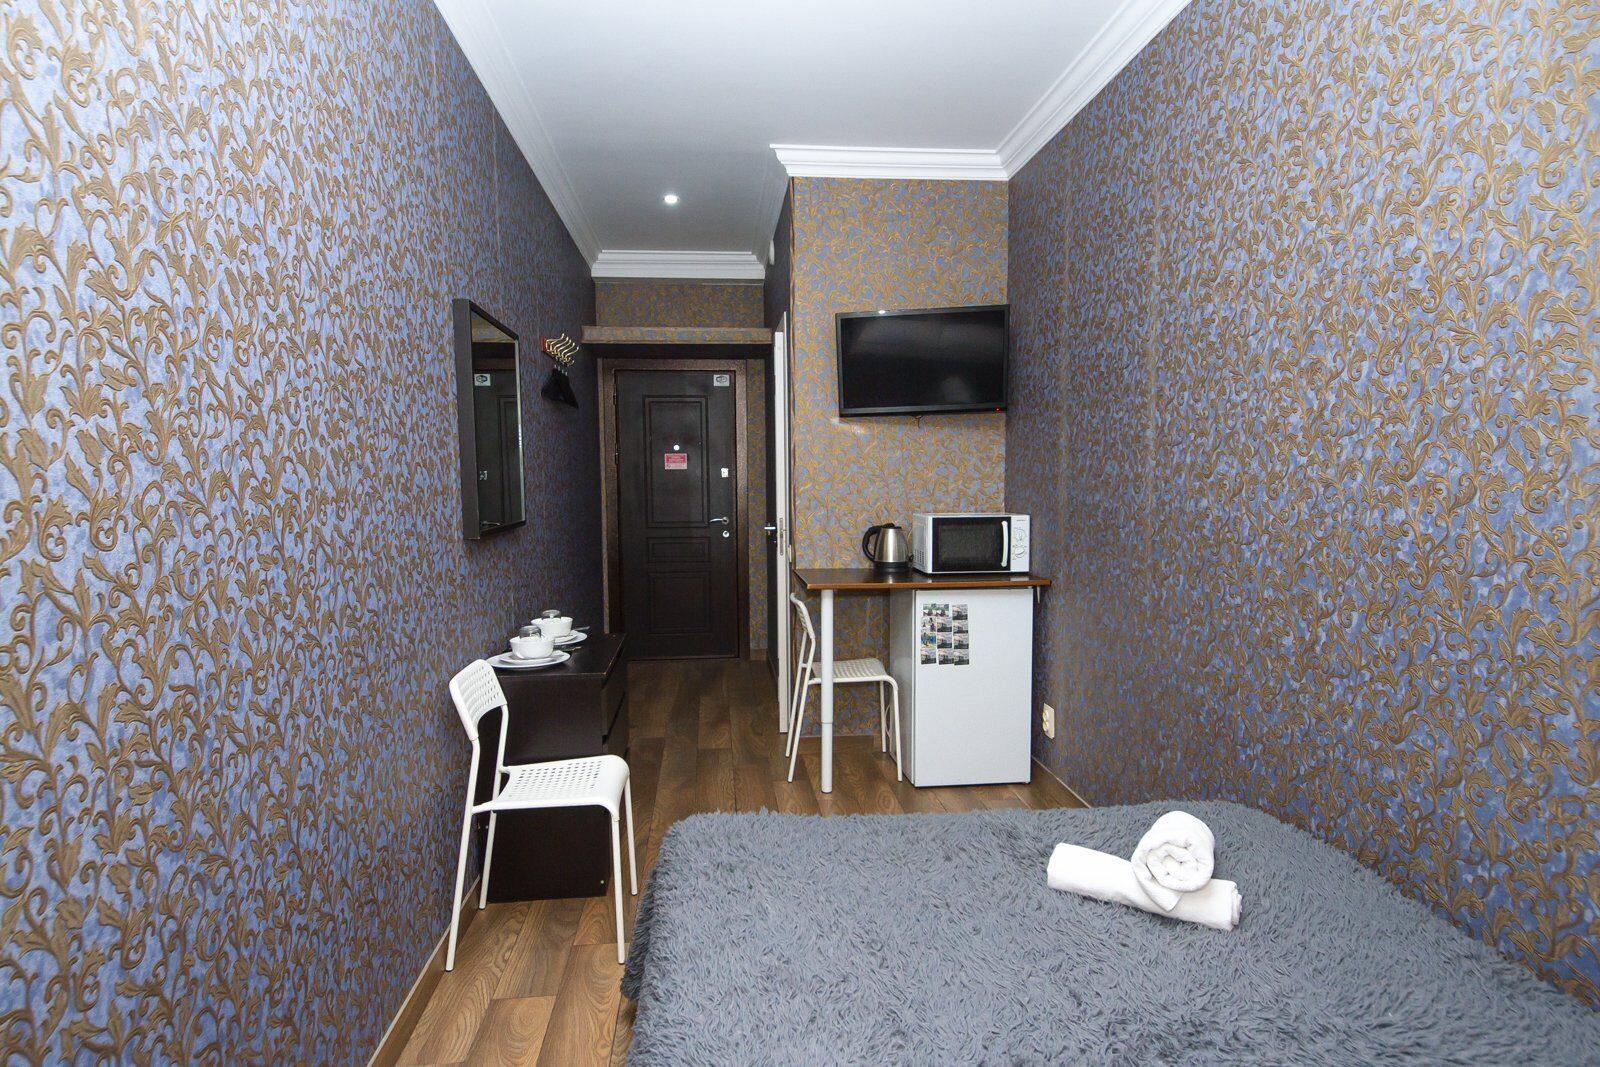 мини-отель атмосфера на невском 132 в санкт-петербурге